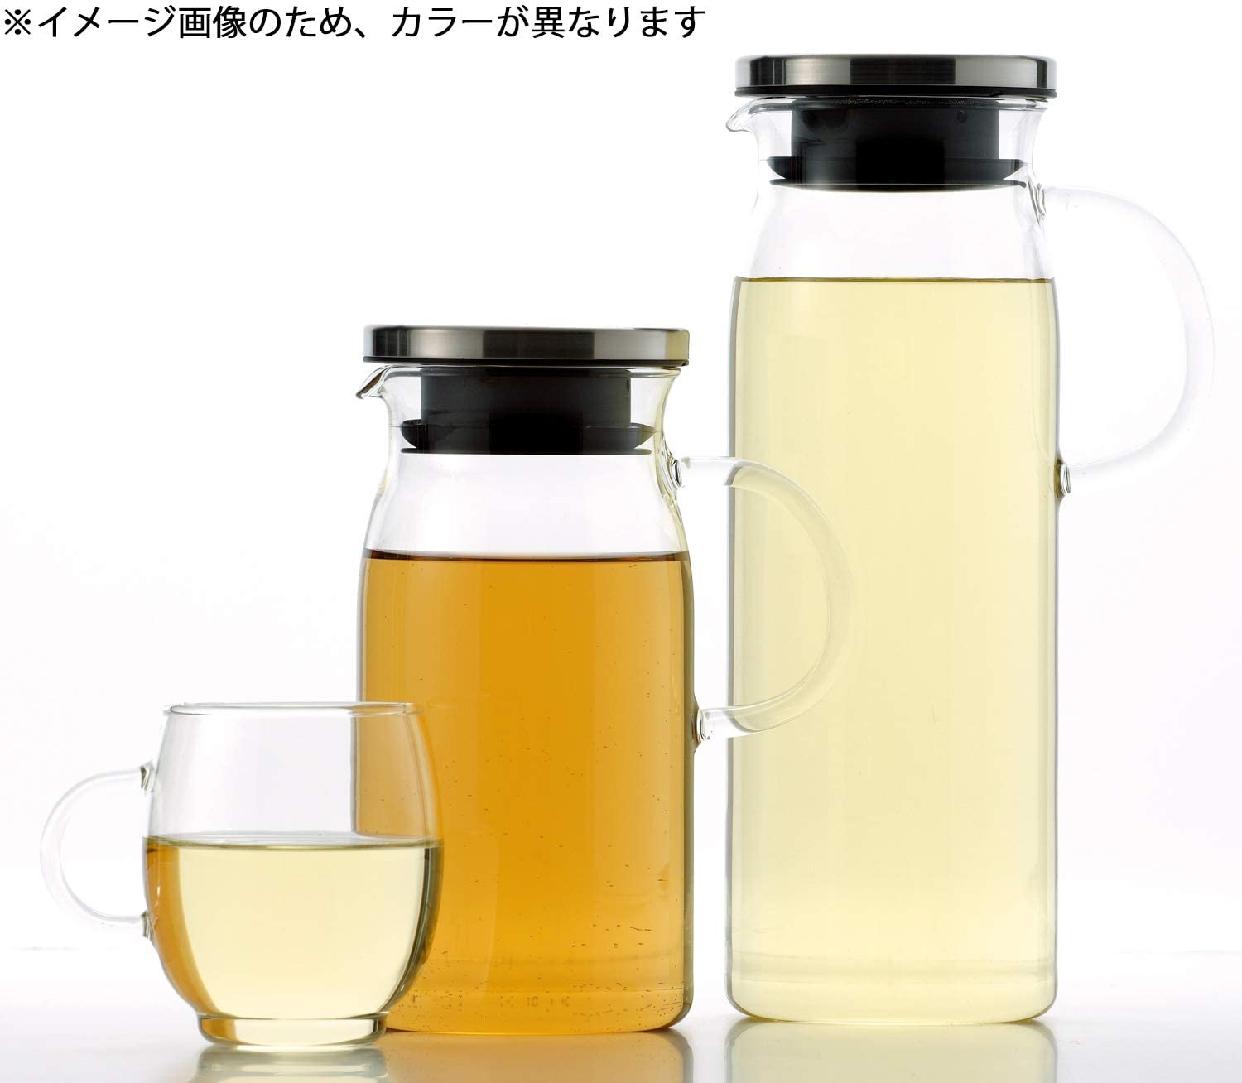 iwaki(イワキ) ジャグ 600 KT293-W ホワイトの商品画像6